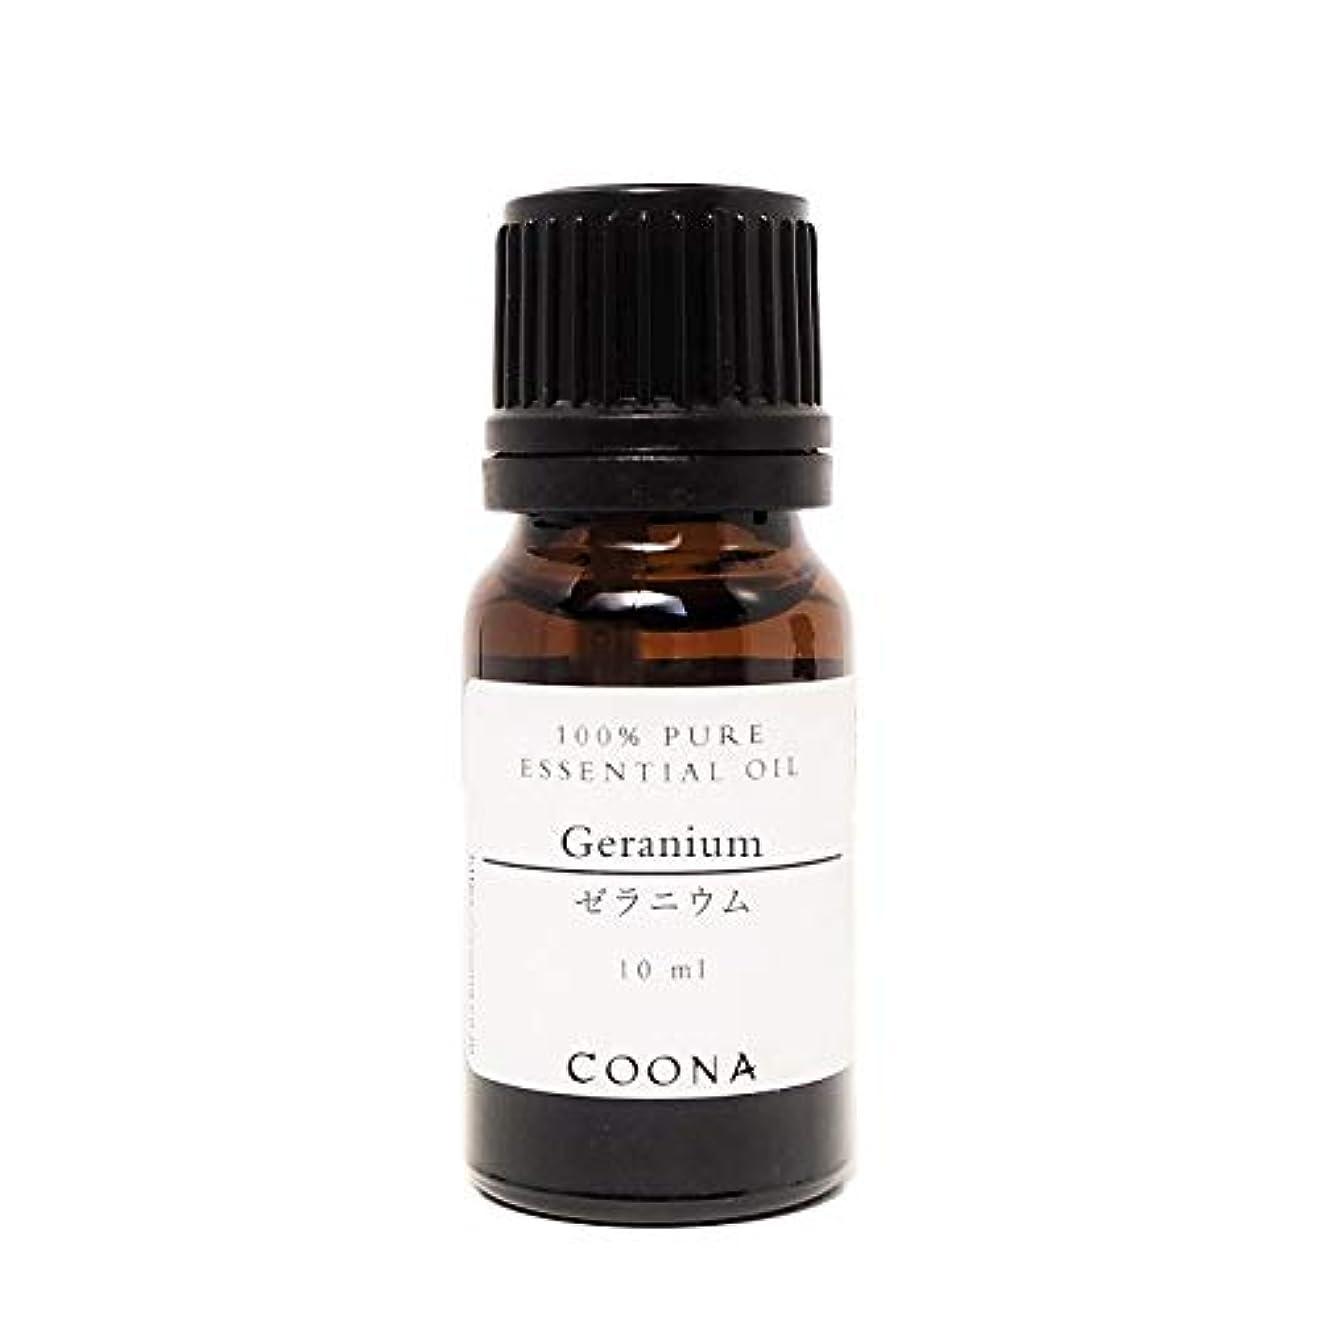 汚物トーナメント捕虜ゼラニウム 10 ml (COONA エッセンシャルオイル アロマオイル 100%天然植物精油)